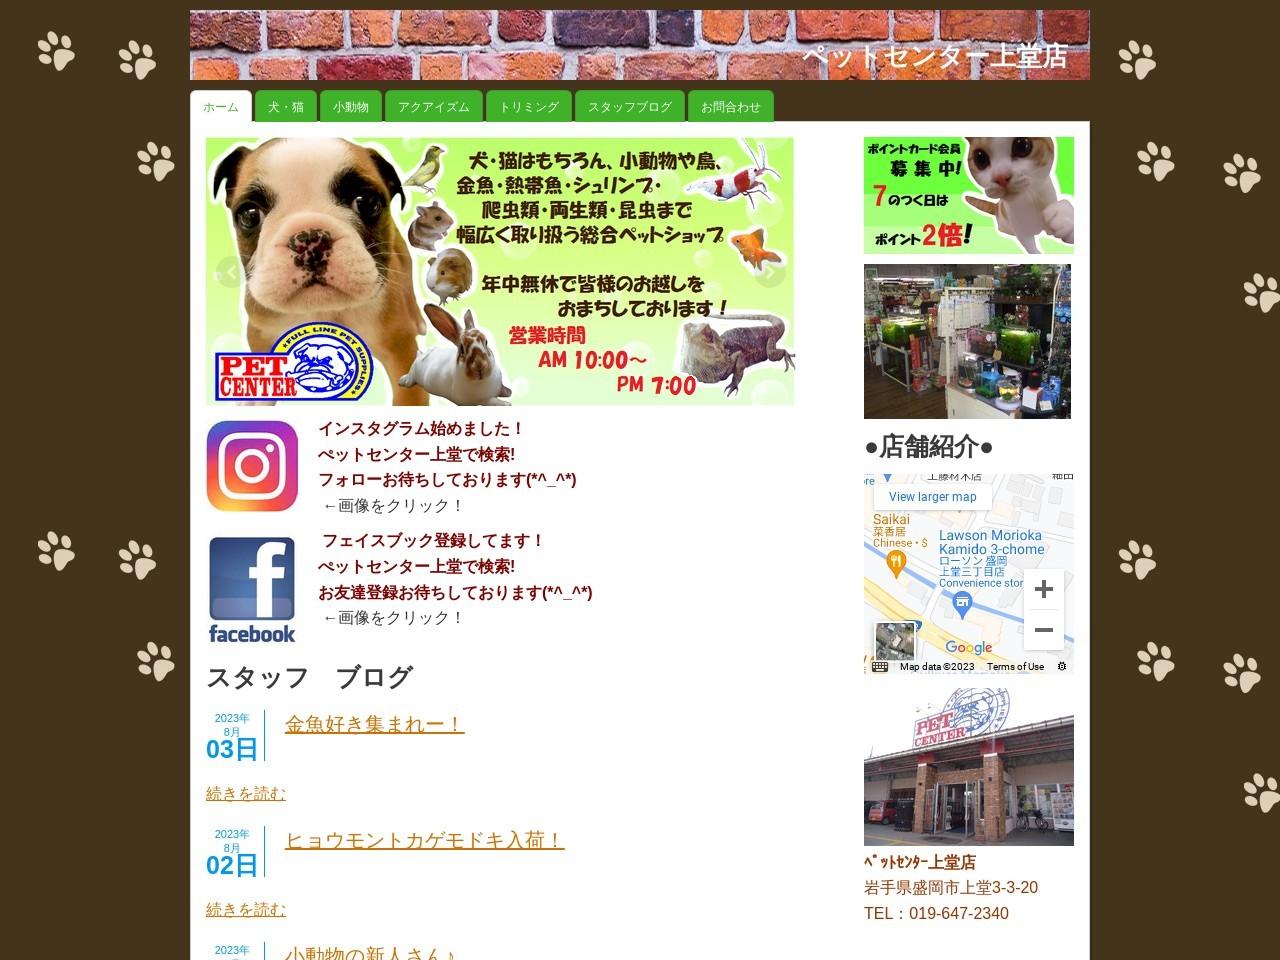 ペットセンター/上堂店